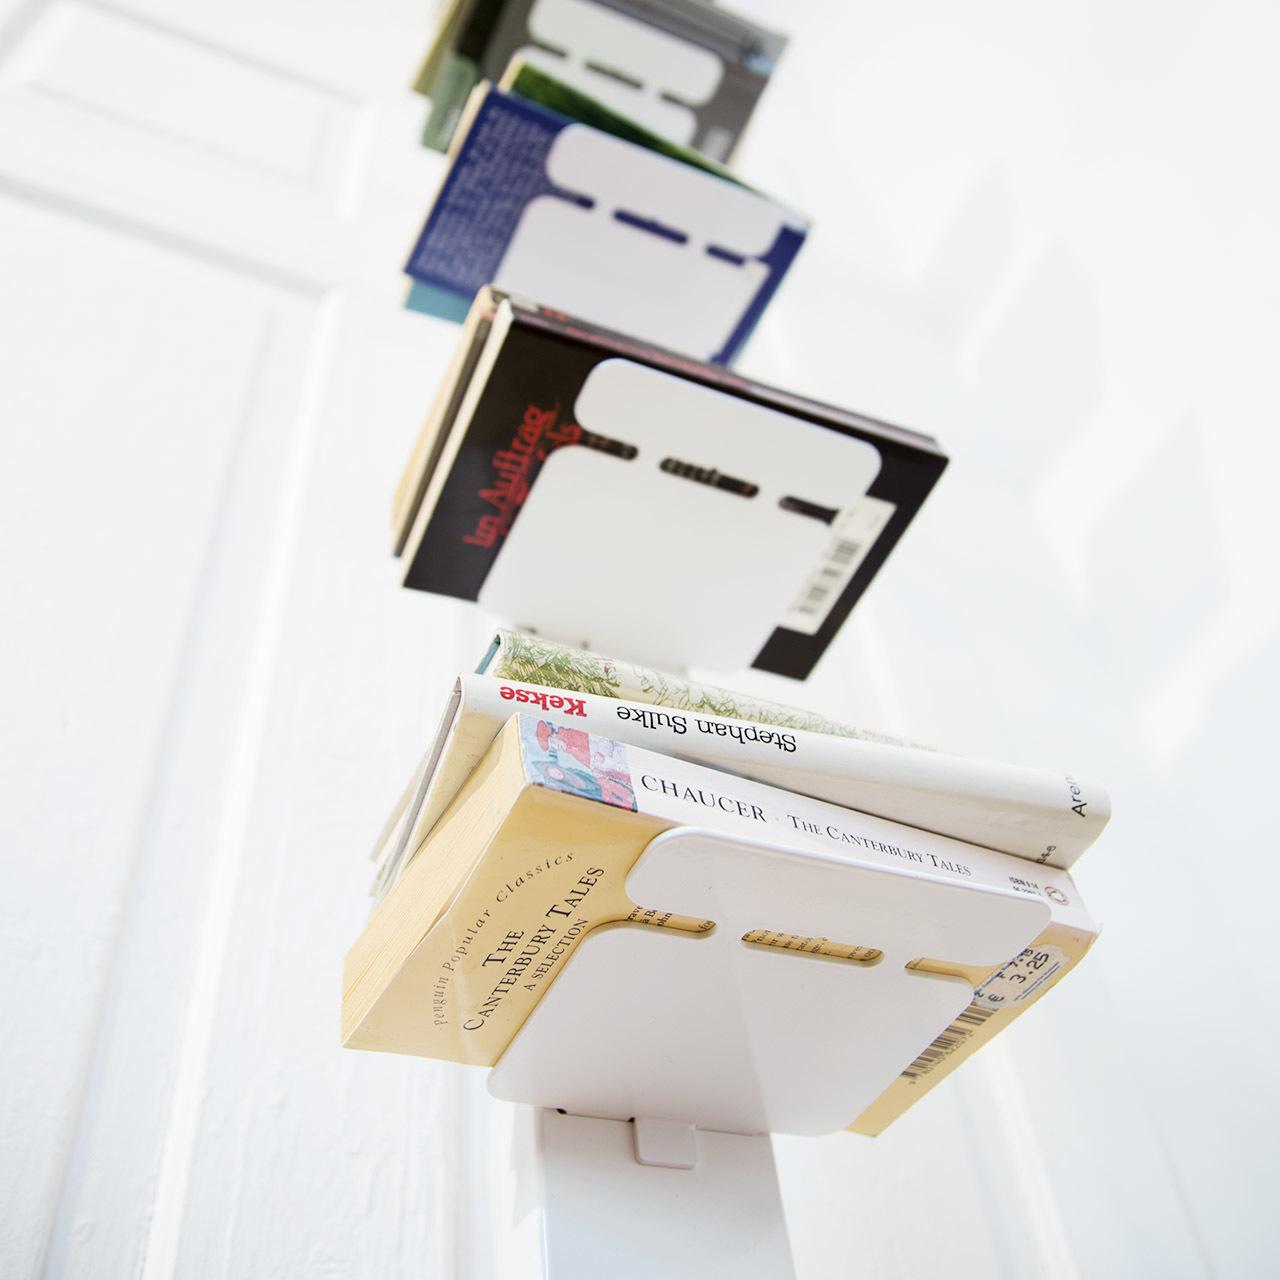 Booksbaum onlocation 03